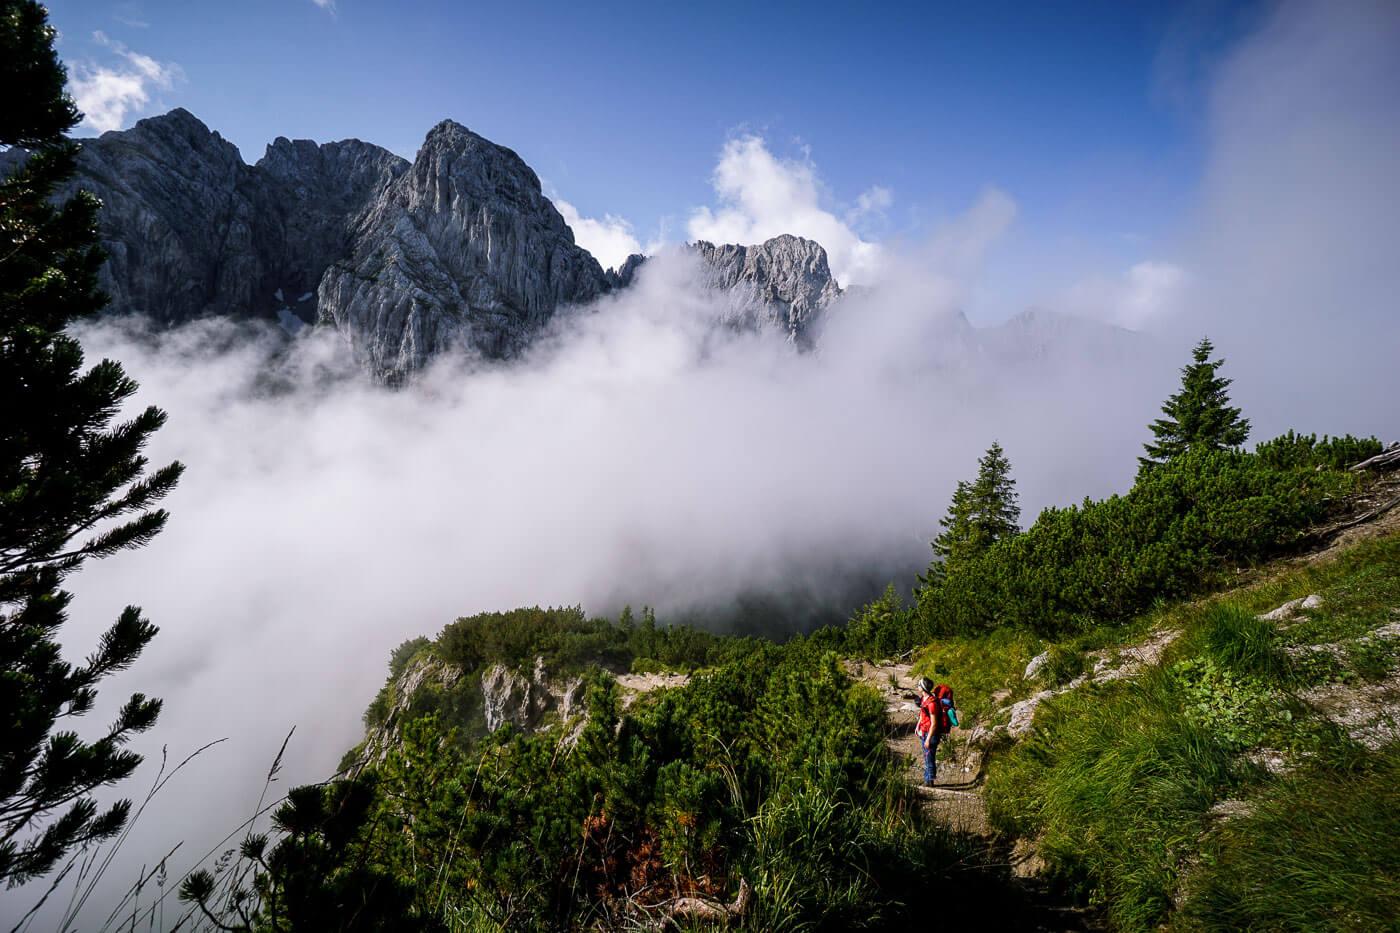 Emperor's Crown Trek (Kaiserkrone Trail) in Wilder Kaiser, Tirol, Austria